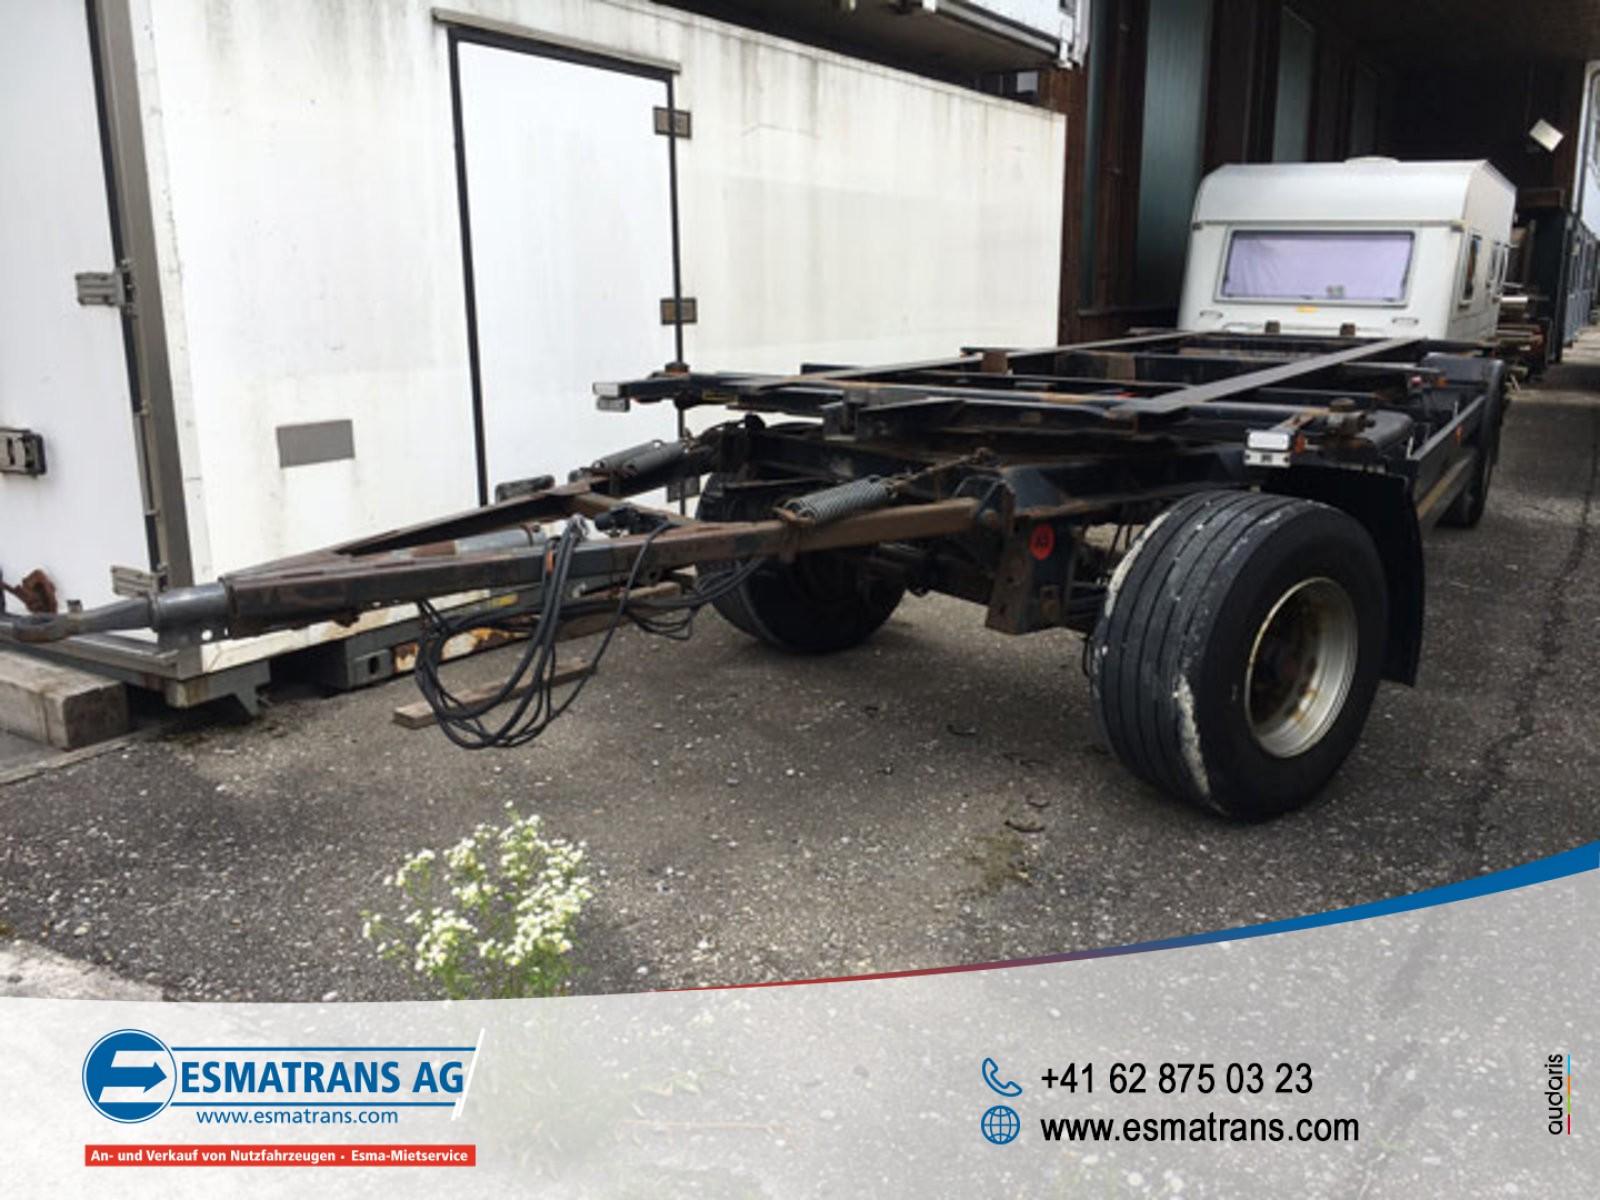 FRAN6306_882781 vehicle image